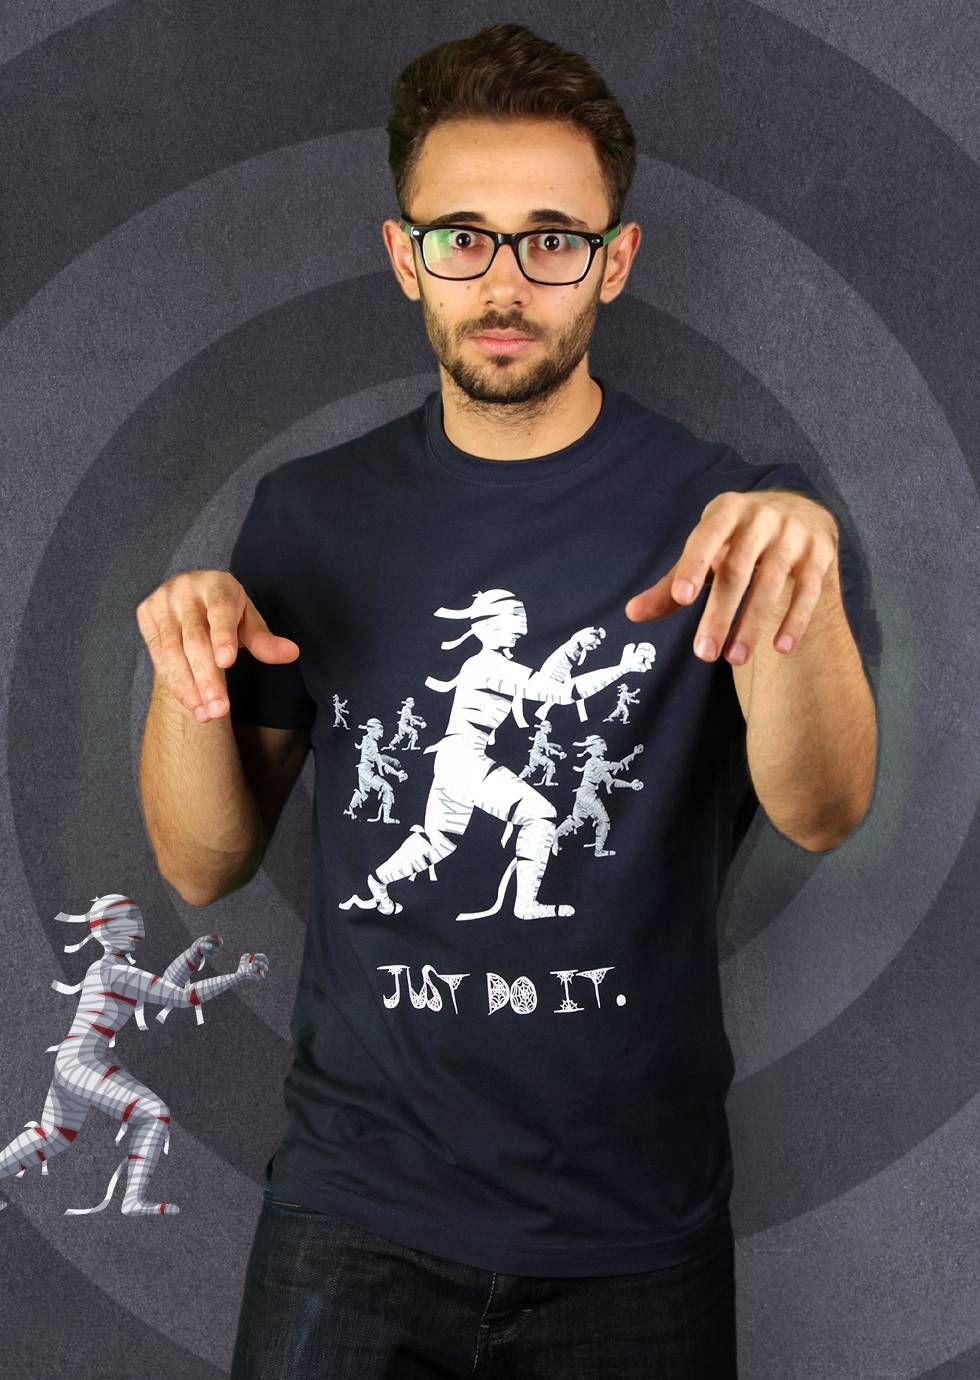 Mummie Workout T-Shirt von Kater Likoli, Mannheim, Deutschland   Design by Lukas Likoli $19.95